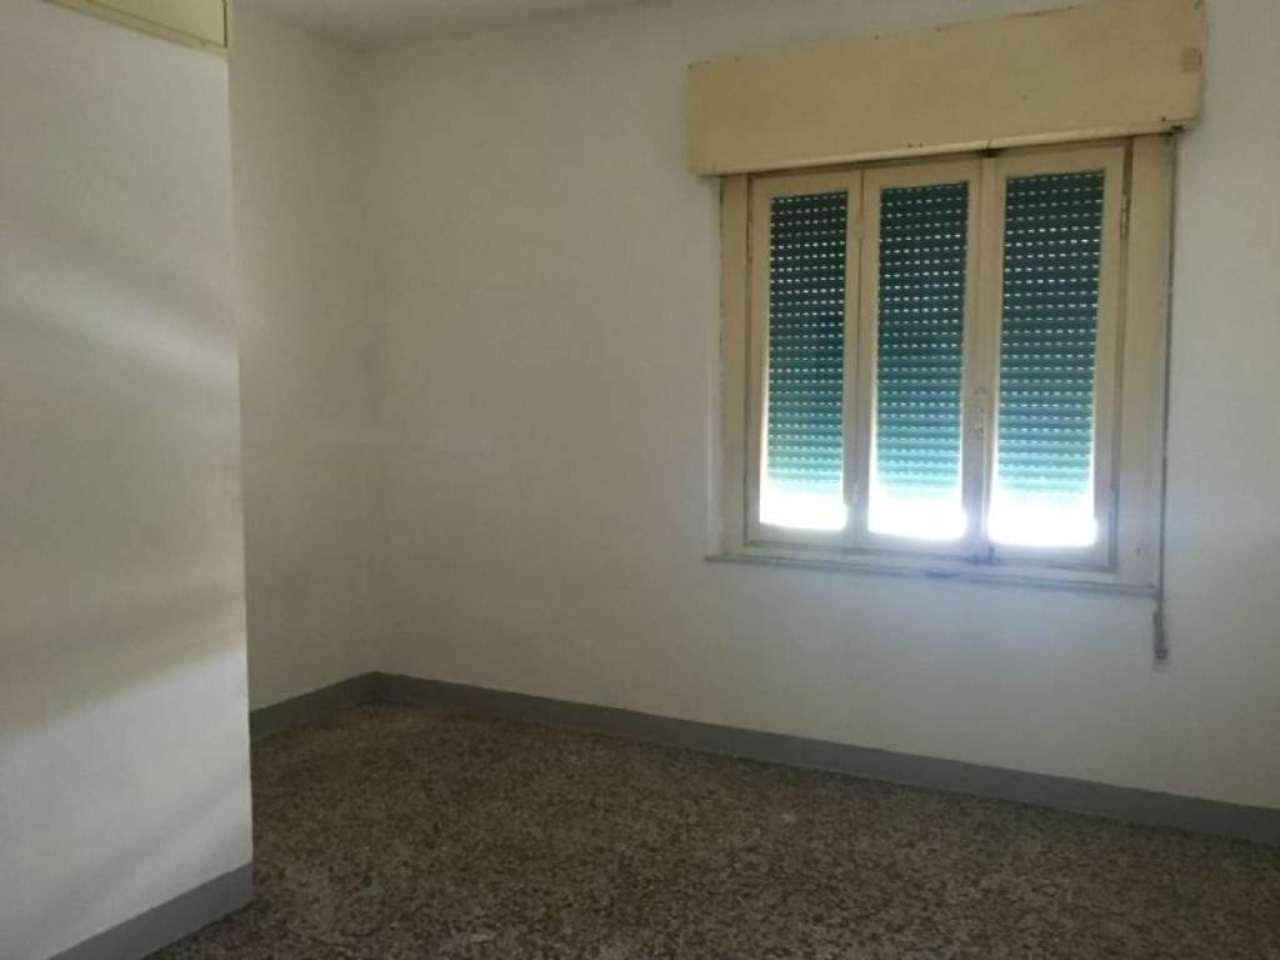 Palazzo / Stabile in vendita a Empoli, 5 locali, prezzo € 180.000 | Cambio Casa.it